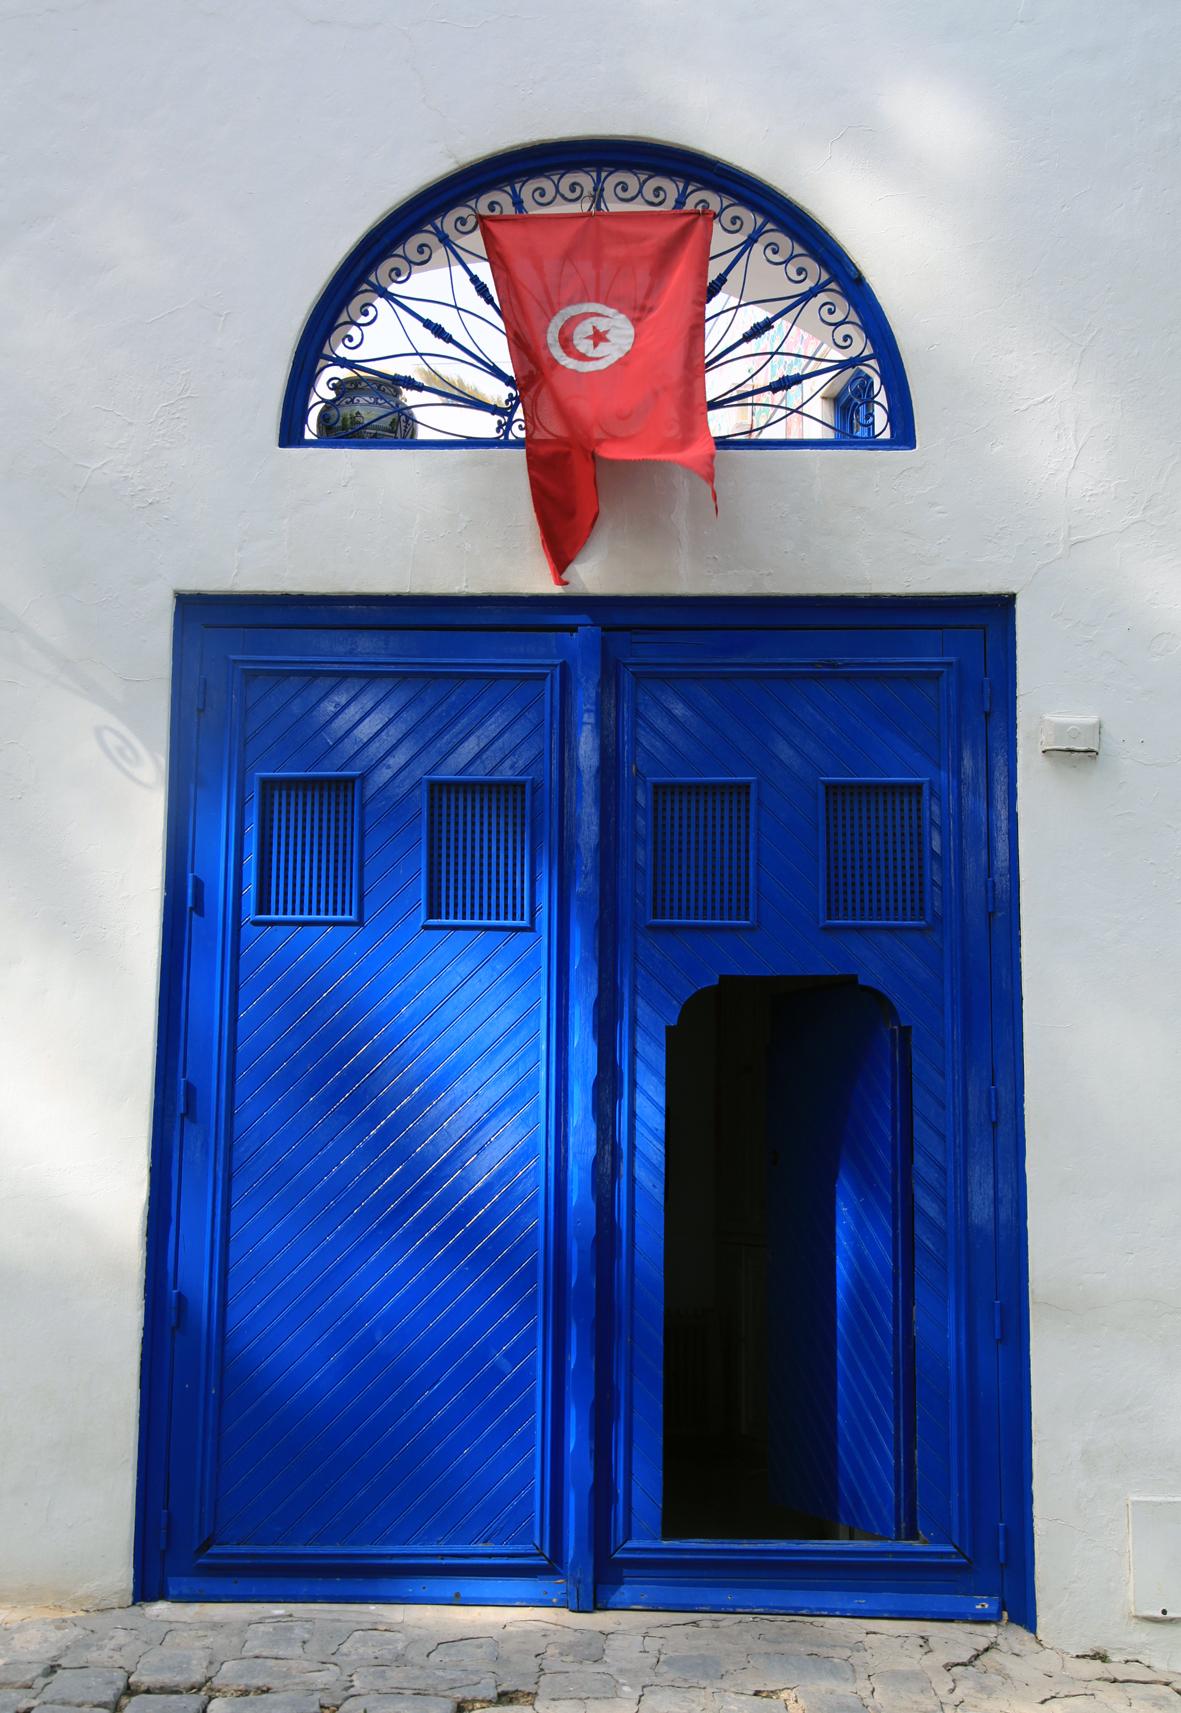 Tunísia Branca e Azul - سيدي بو سعيد